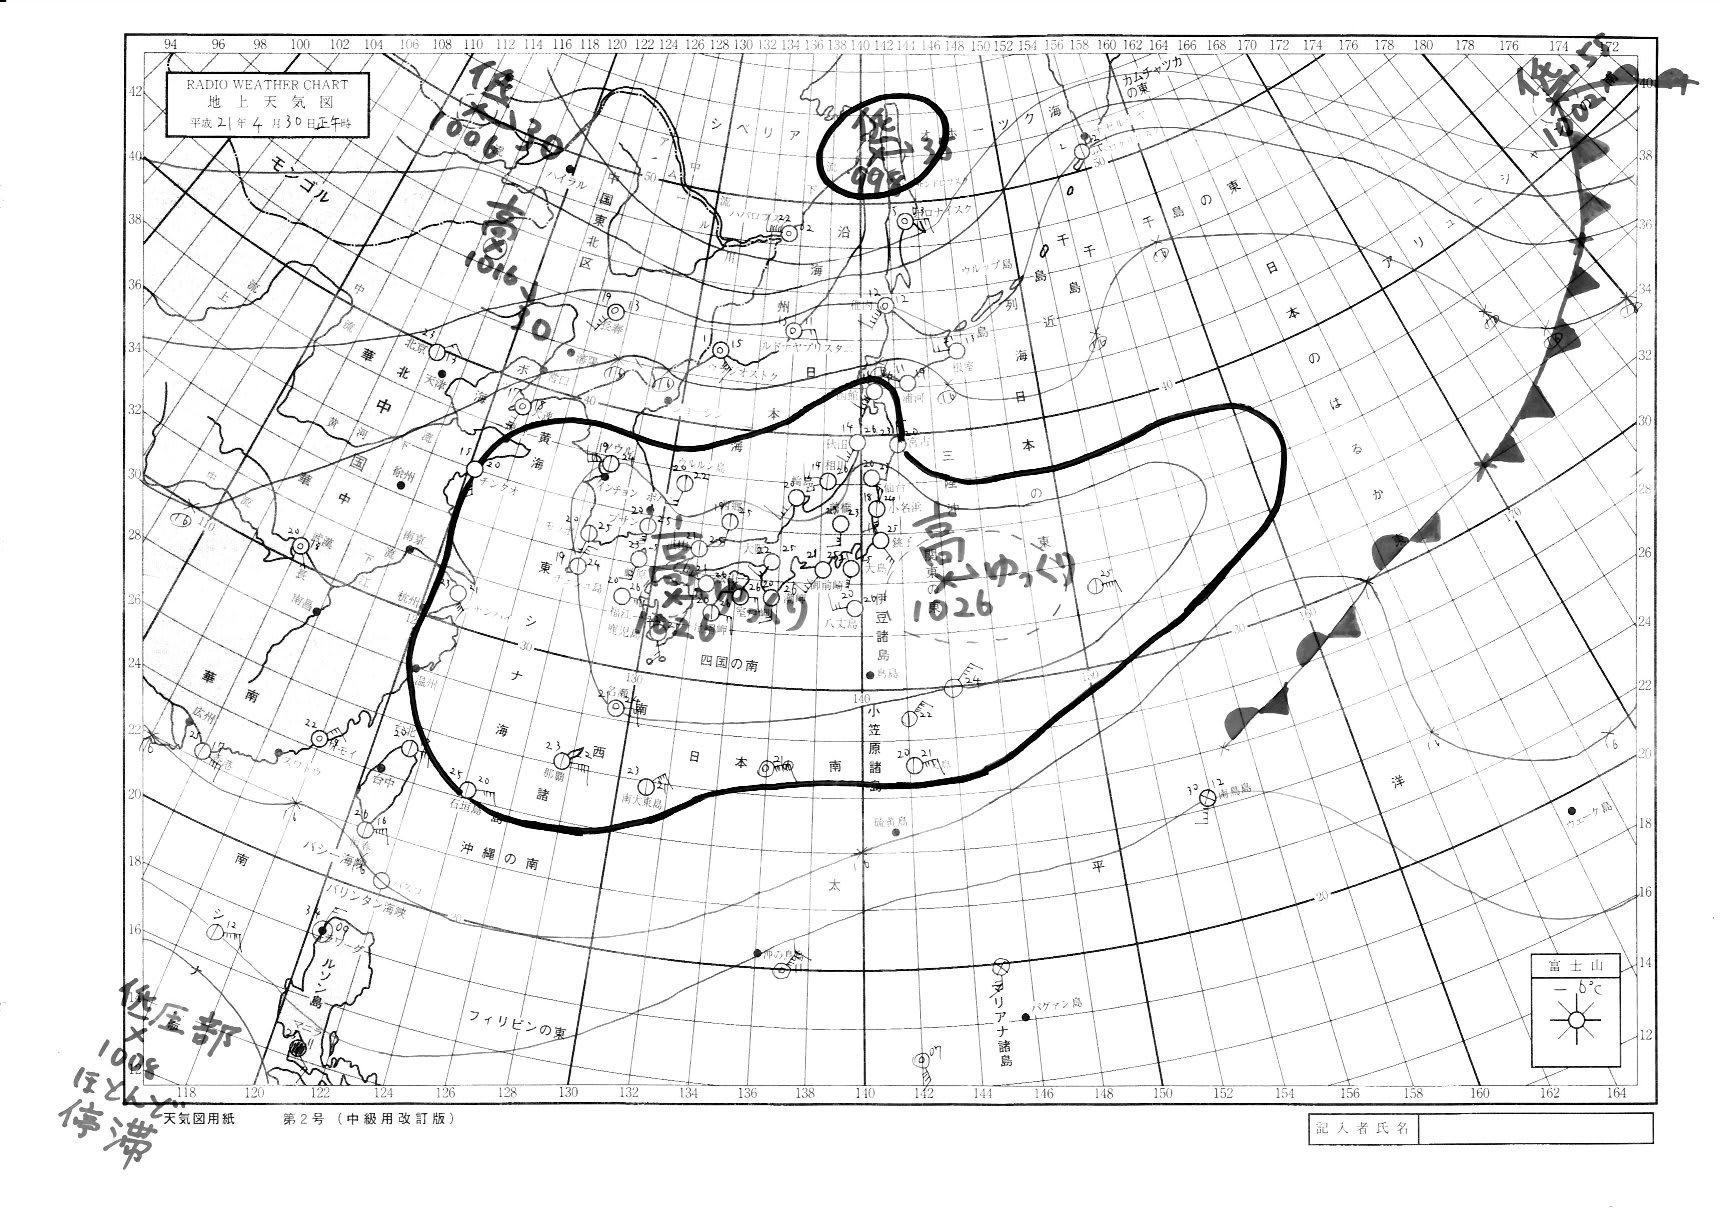 墨田区の天気は晴でした。 1年生が正式入部しました! 1年生は天気図に初挑戦!! 天気図記号をあっという間に覚えてしまいました。 これからが楽しみです。